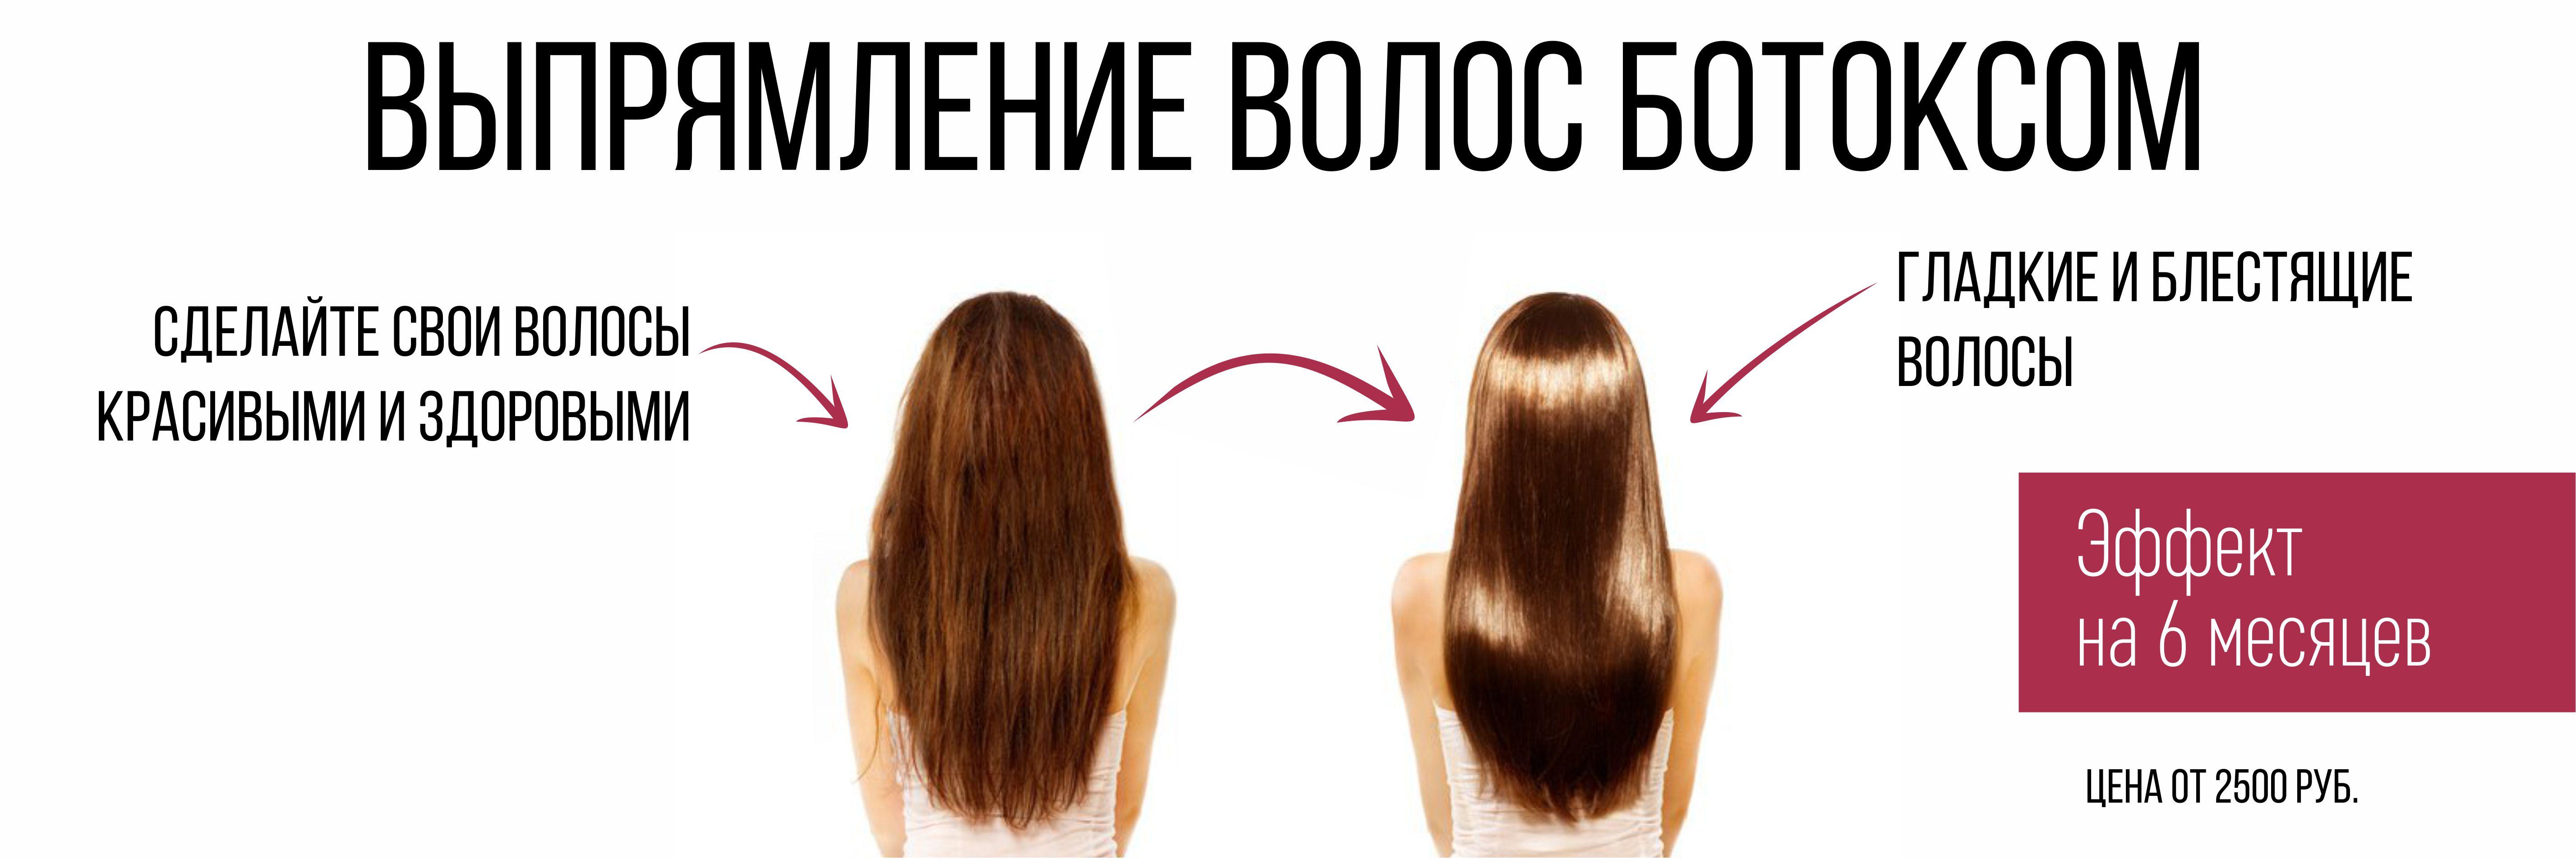 Сделайте свои волосы здоровыми